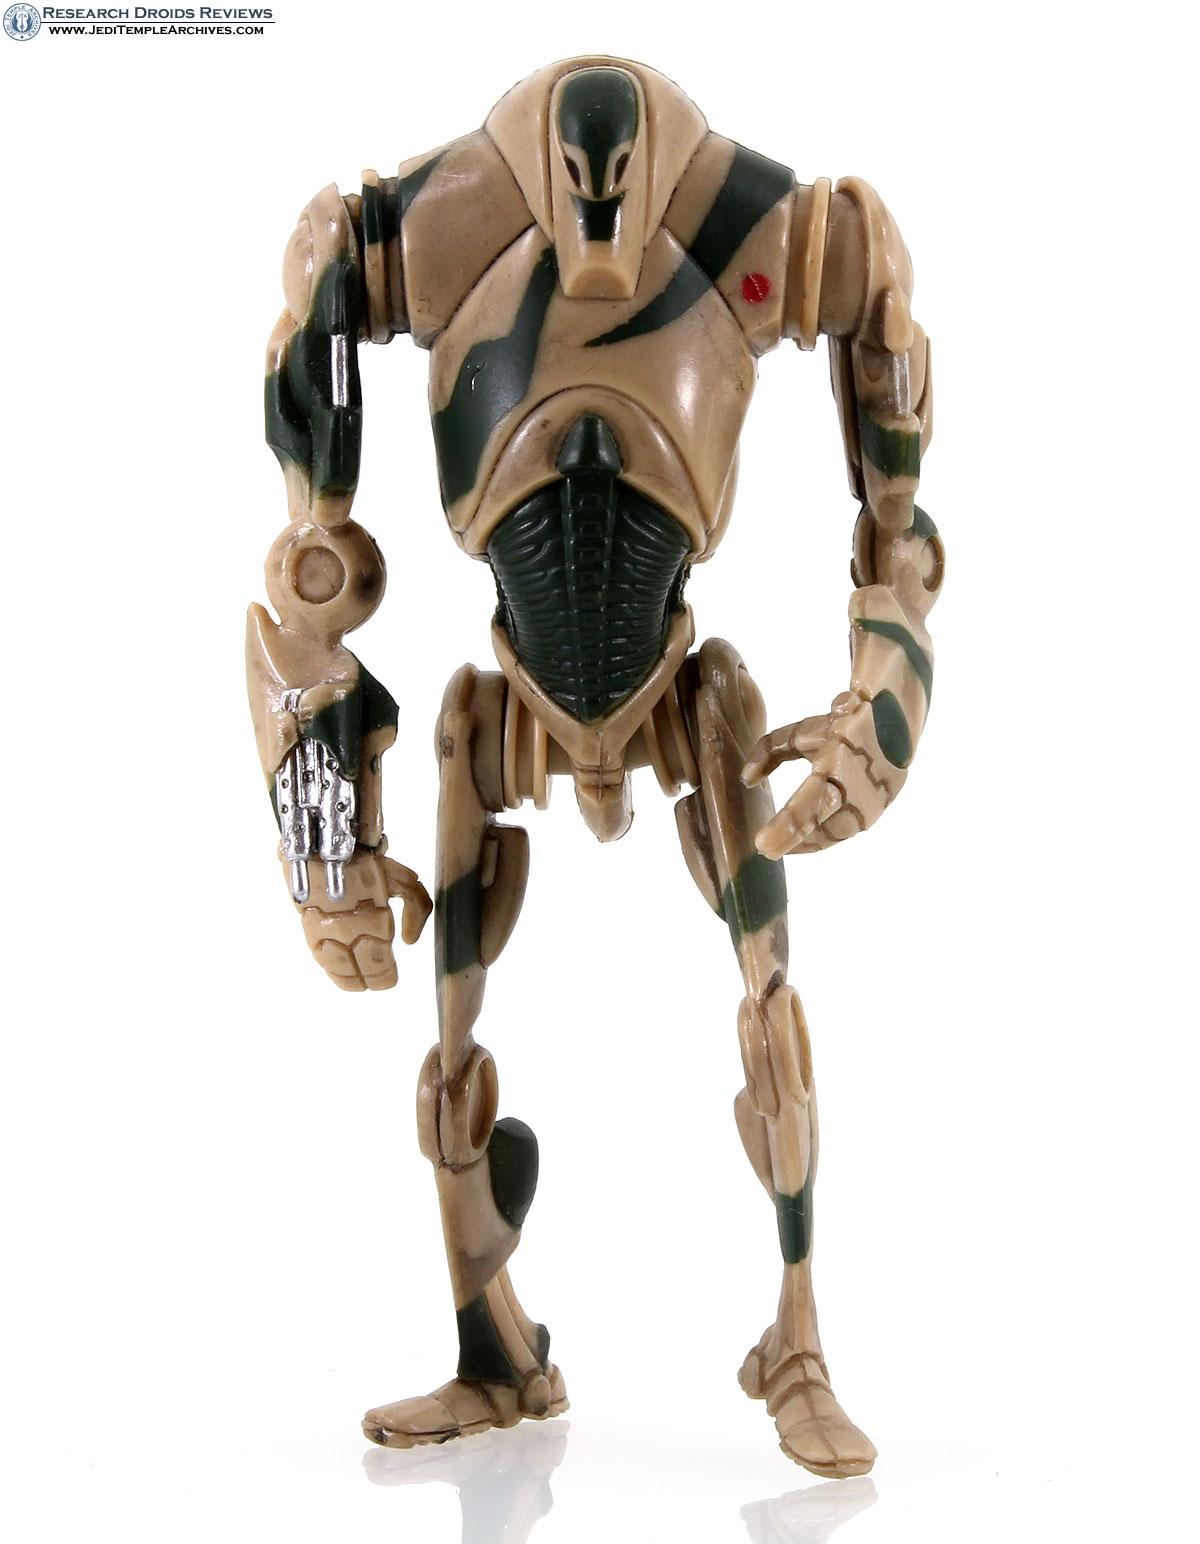 Super Battle Droid (Programmed to Destroy) -